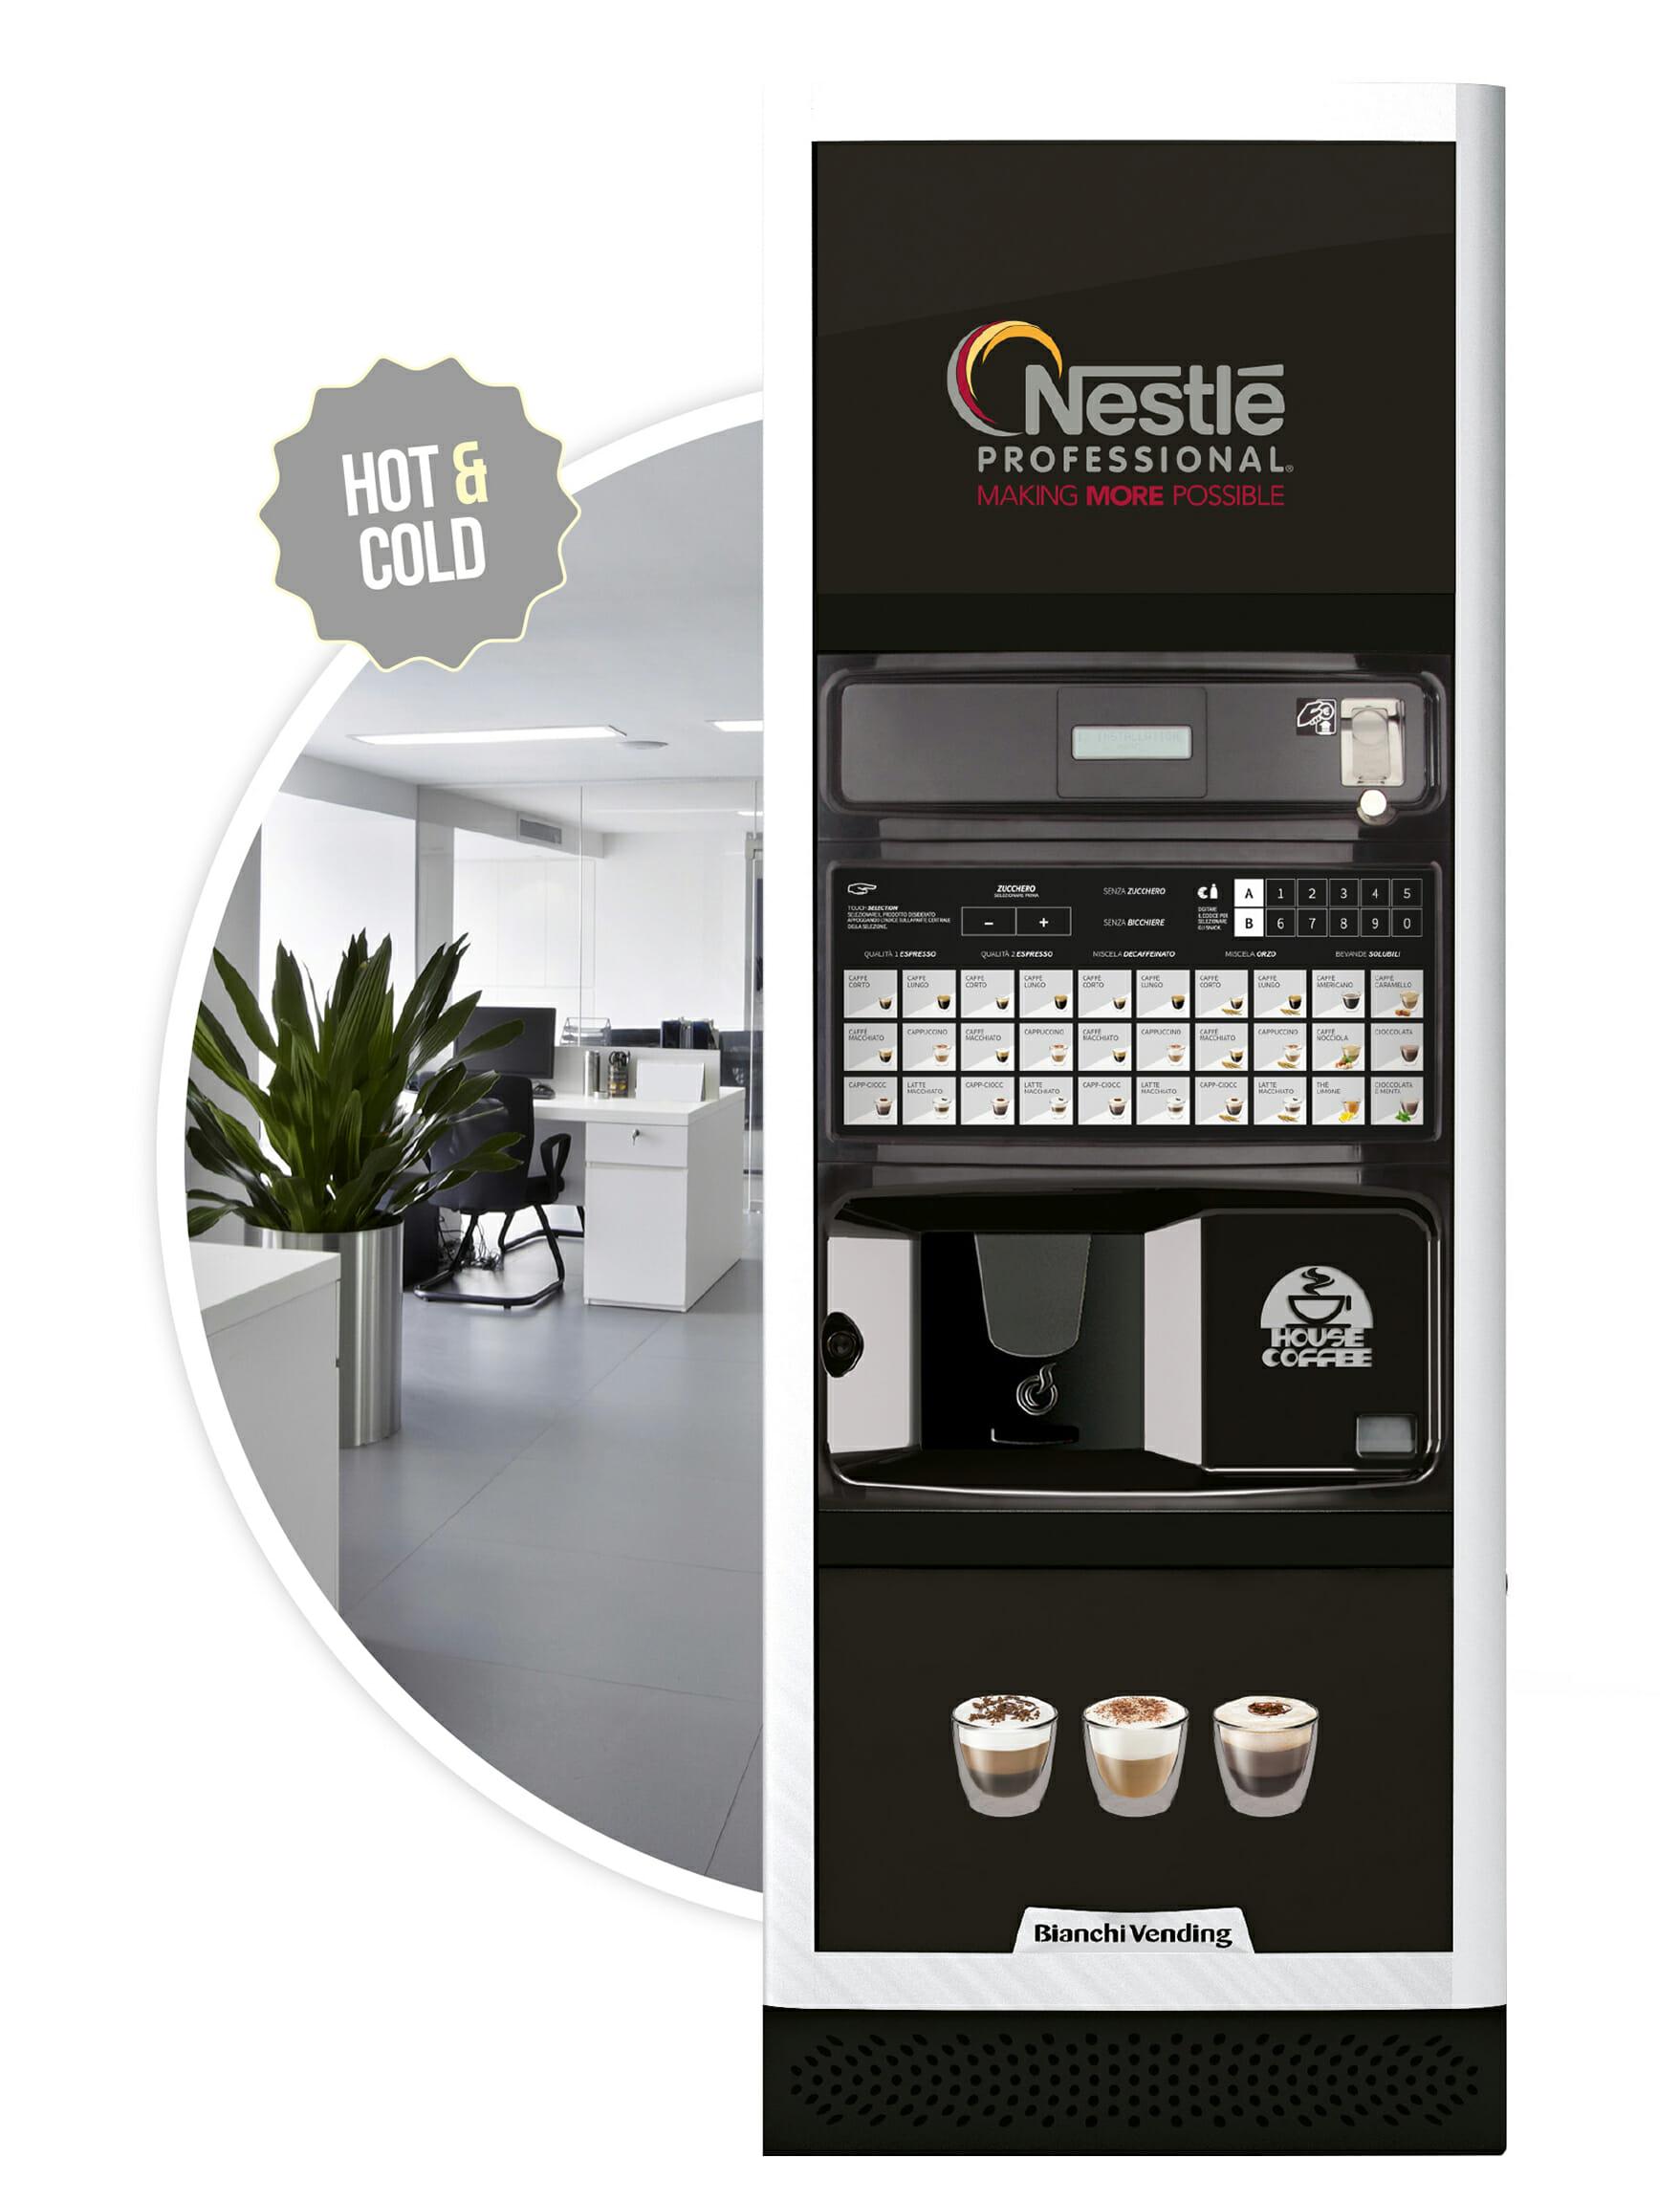 Imagen de la cafetera Barista. Maquinas de cafe para empresas.